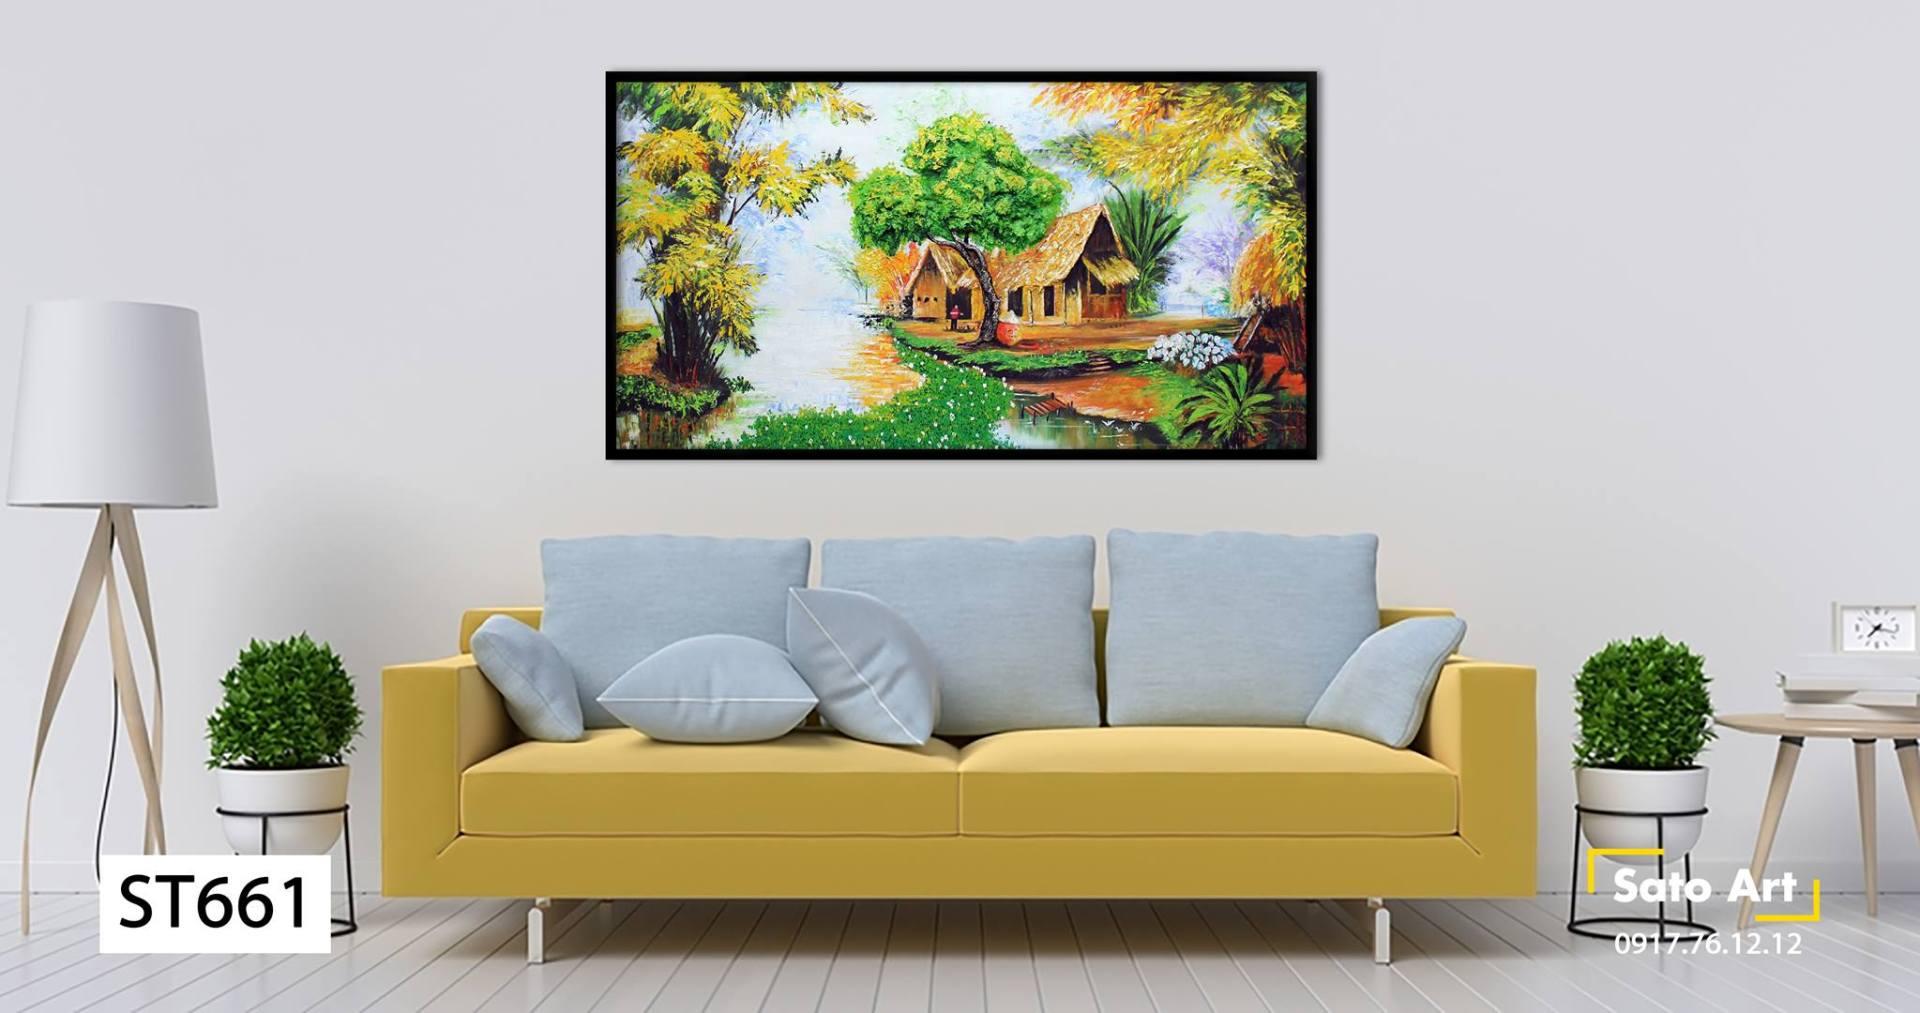 tranh ngôi nhà làng quê